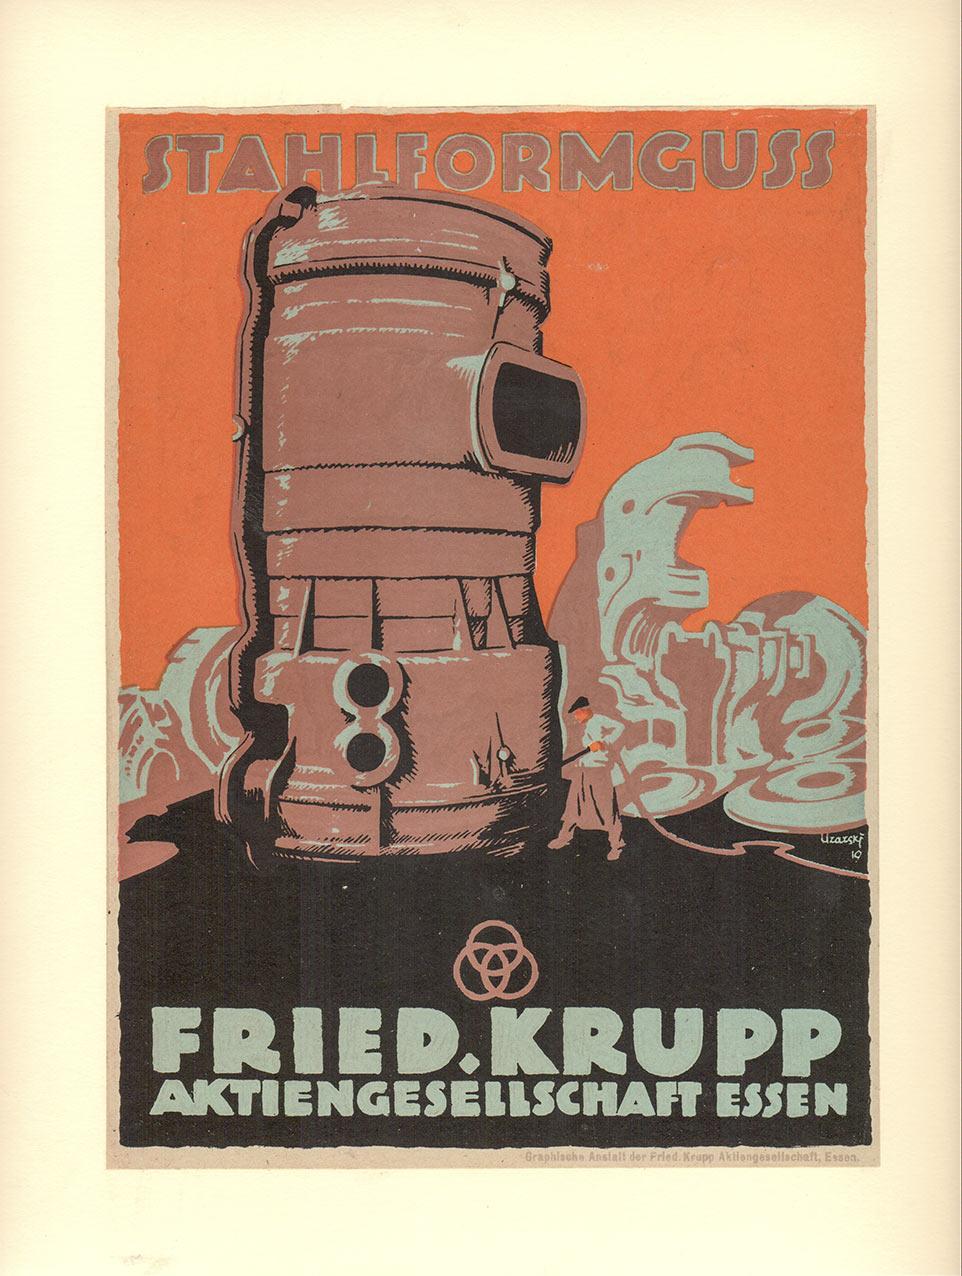 Stahlformguss // Werkzeugstahl (1919). Original-Werbe-Plakat-Entwürfe in Vierfarblithografie. Format: 17,0 x 23,4 cm / 17,0 x 21,4 cm. Auf Karton kas